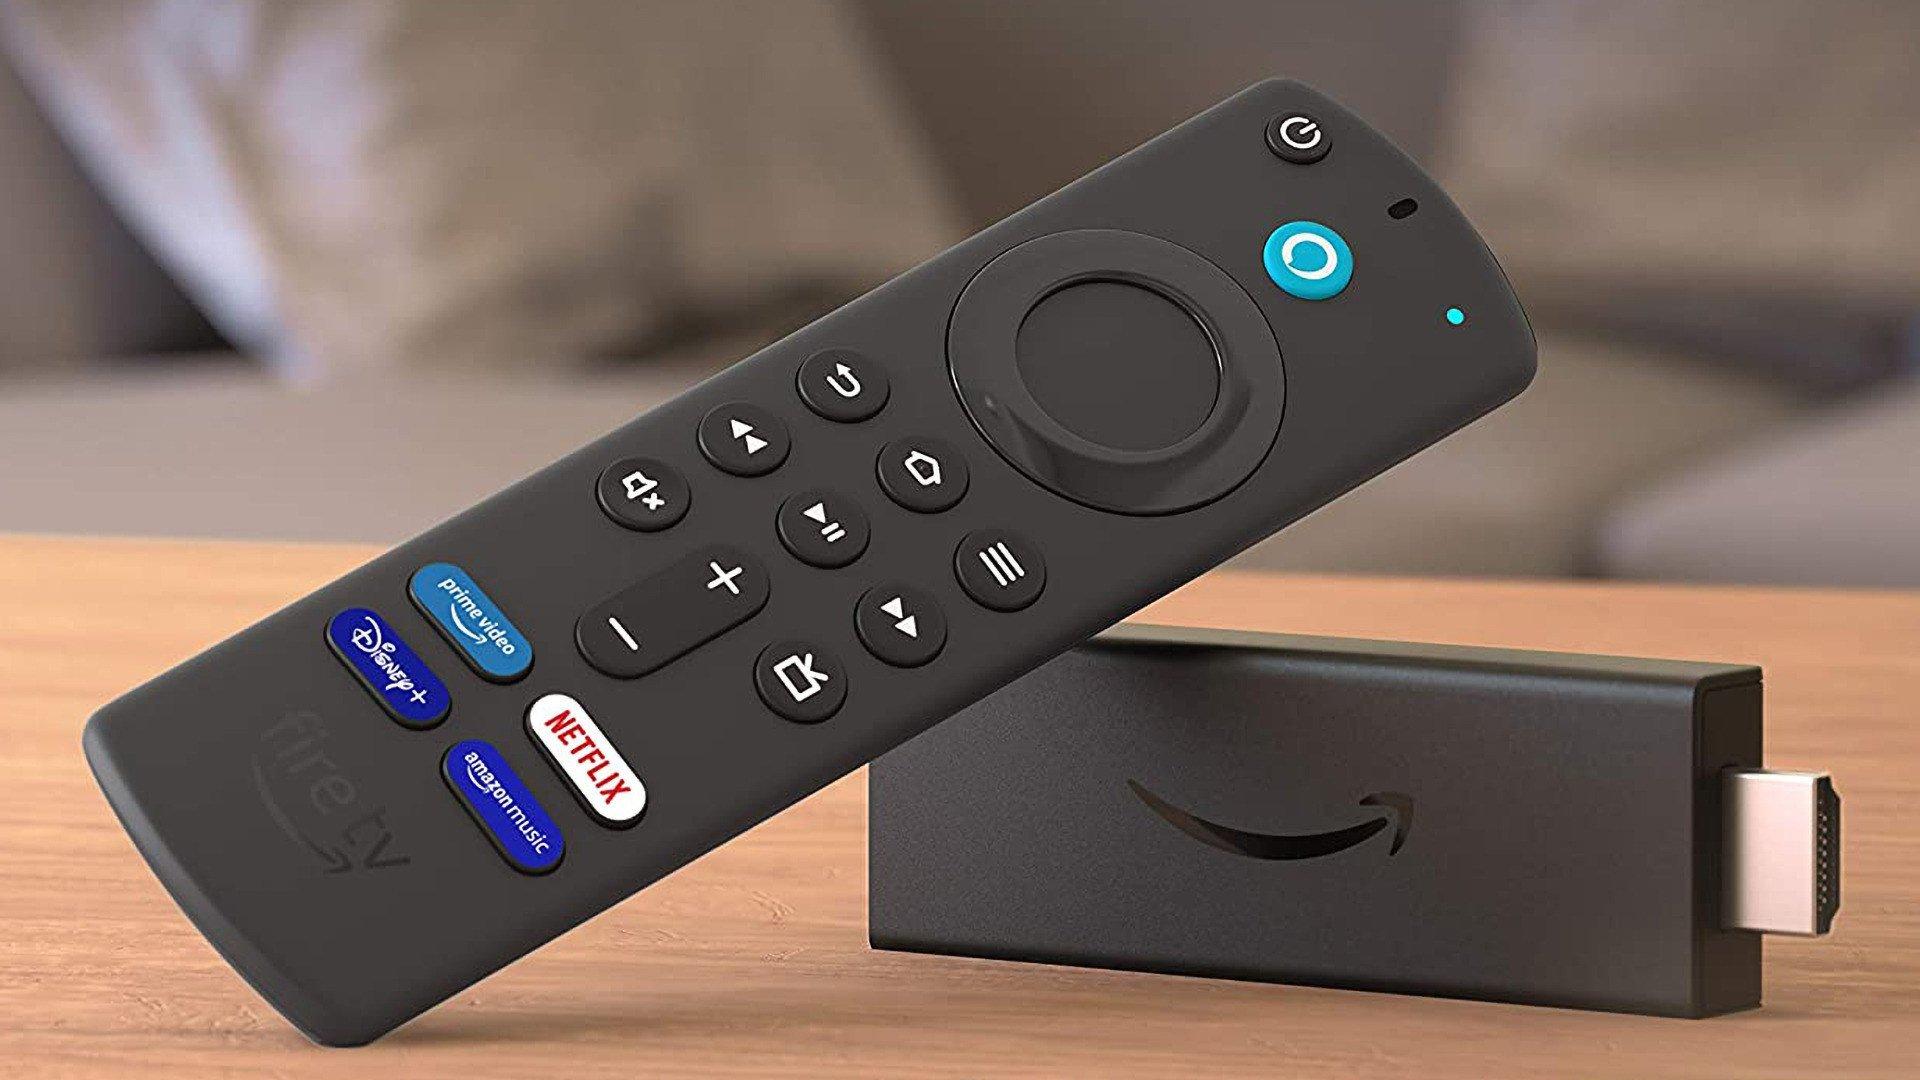 Streaming, Amazon, Alexa, Zubehör, Fernbedienung, Fire TV, Remote, Fire TV Stick 2021